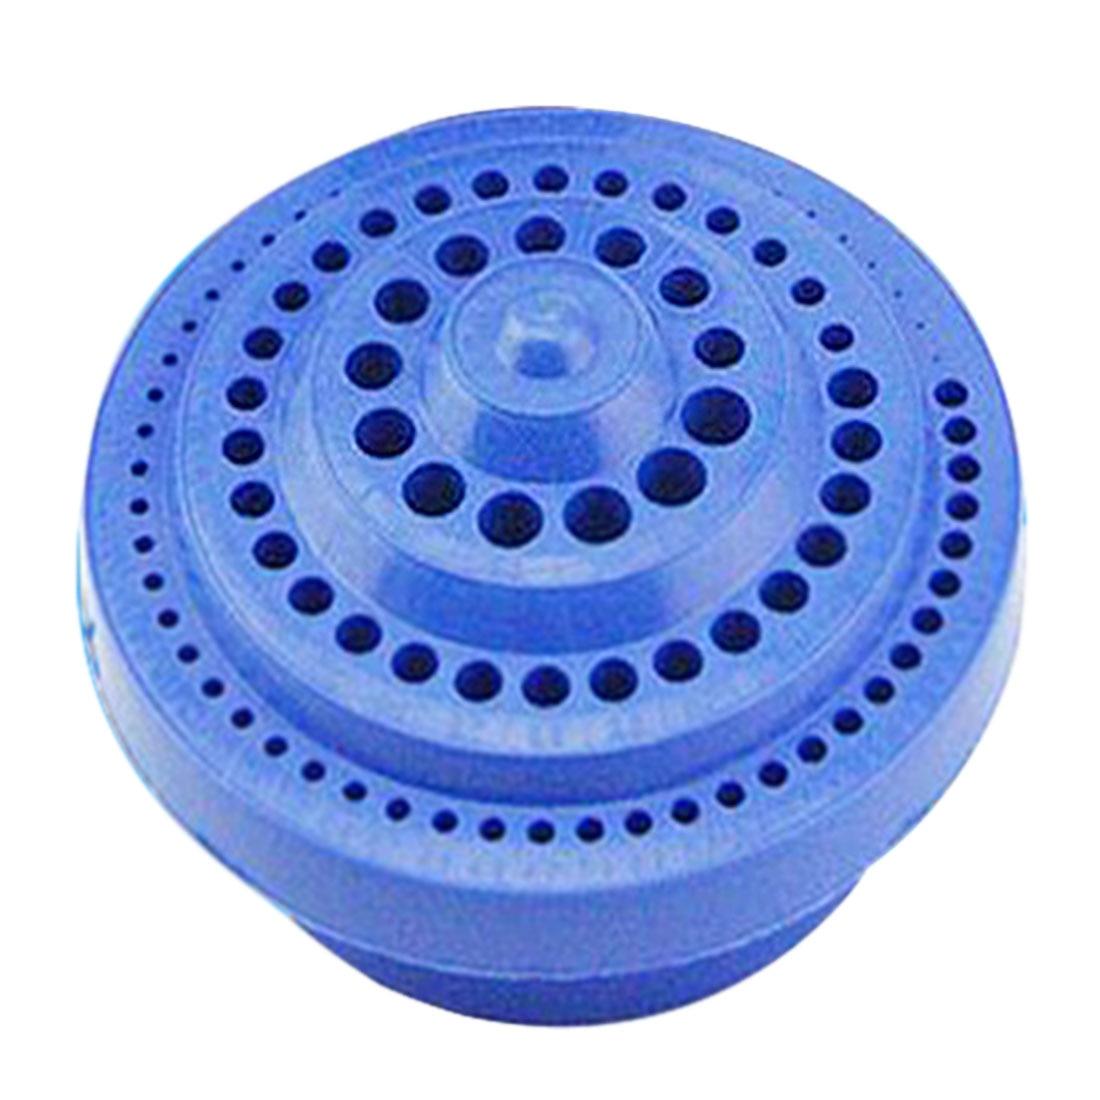 Круглая форма пластиковый жесткий сверло ящик для хранения-синий 1-13 мм